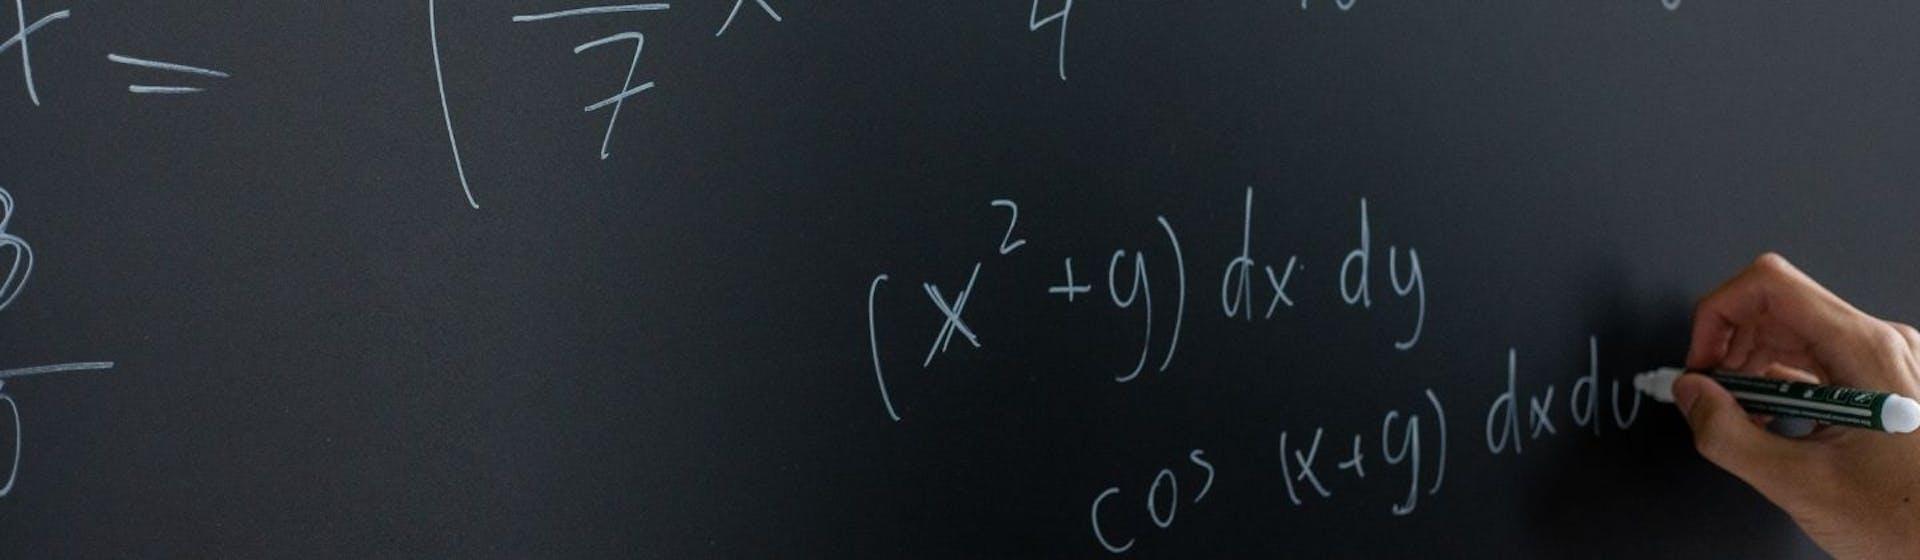 ¿Cómo factorizar ecuaciones sin terminar peleado con los números?